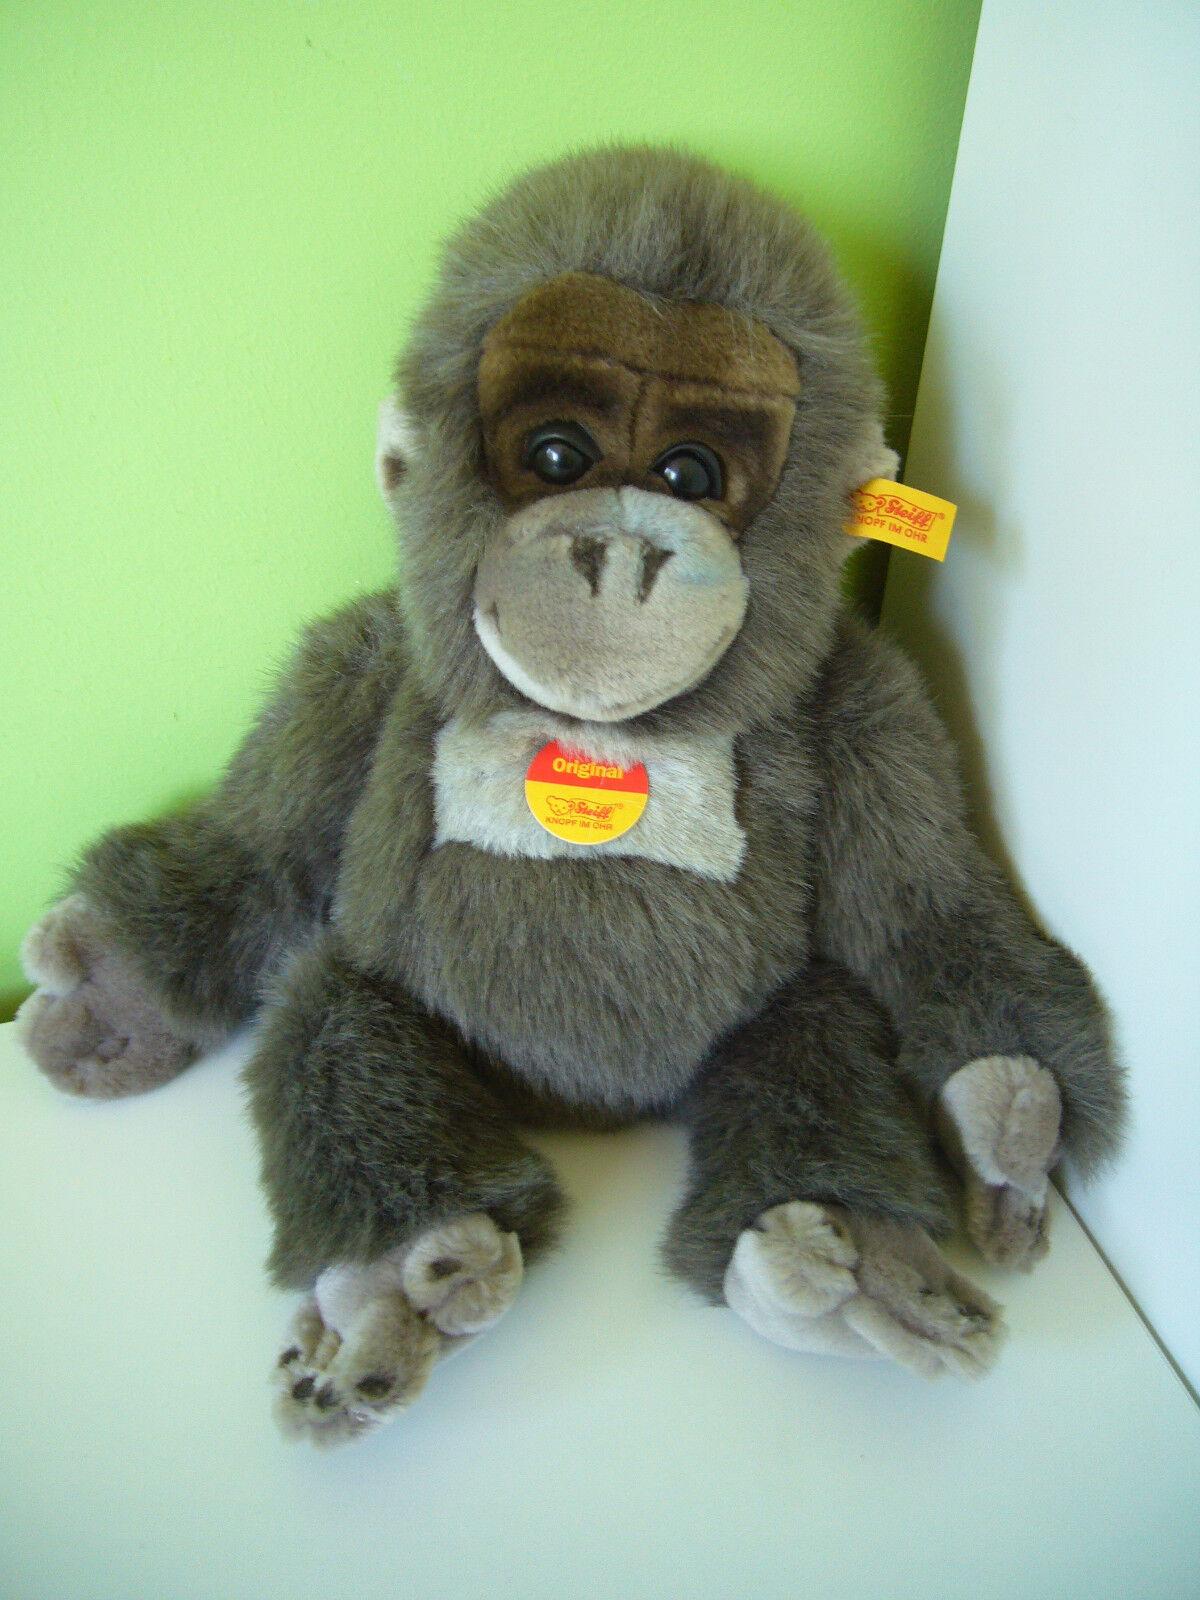 Steiff Baby Gorilla EAN 062070 Braun Grau Monkey Soft Stuffed Cuddly Toy 14